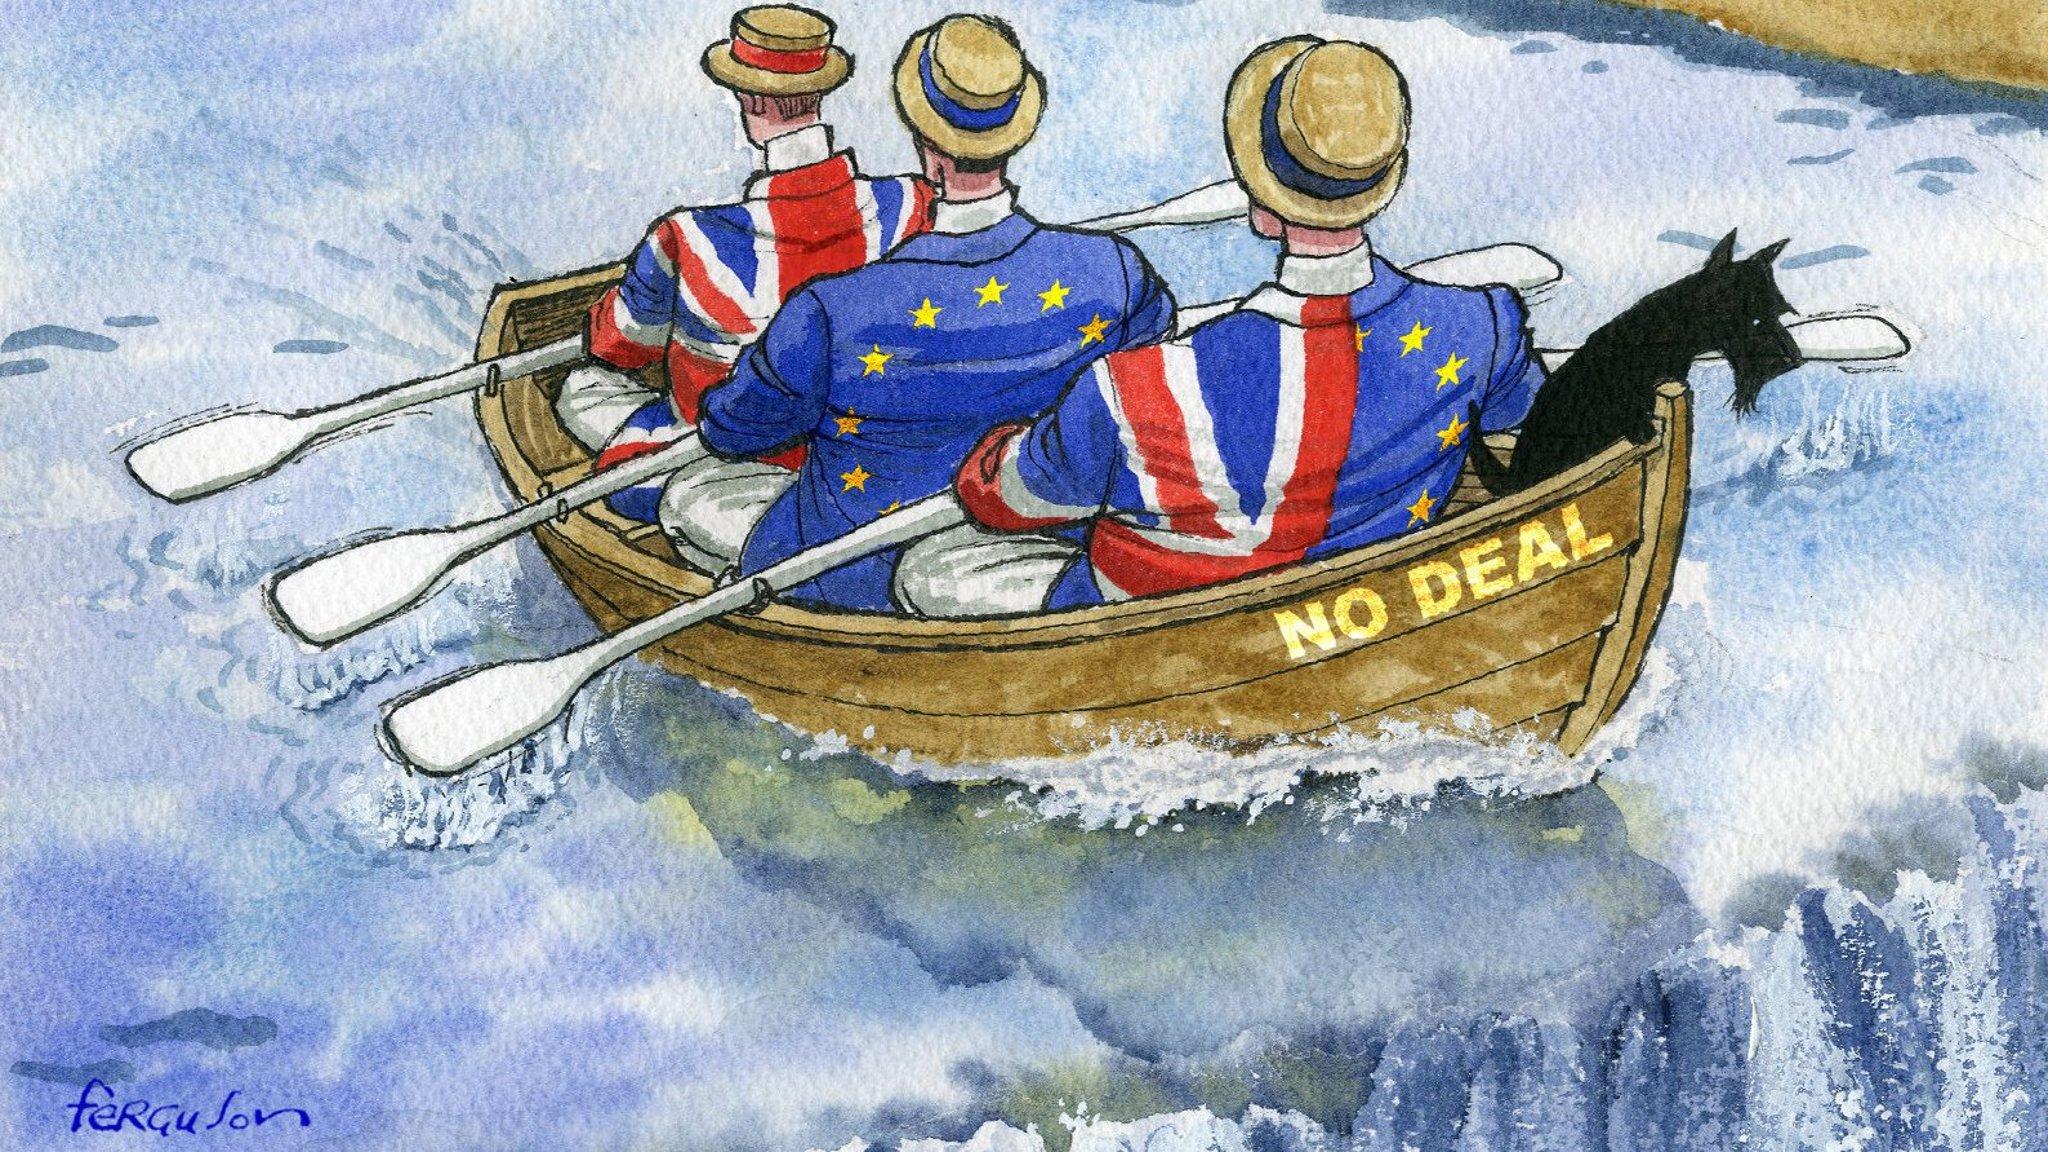 Risultati immagini per brexit no deal cartoons